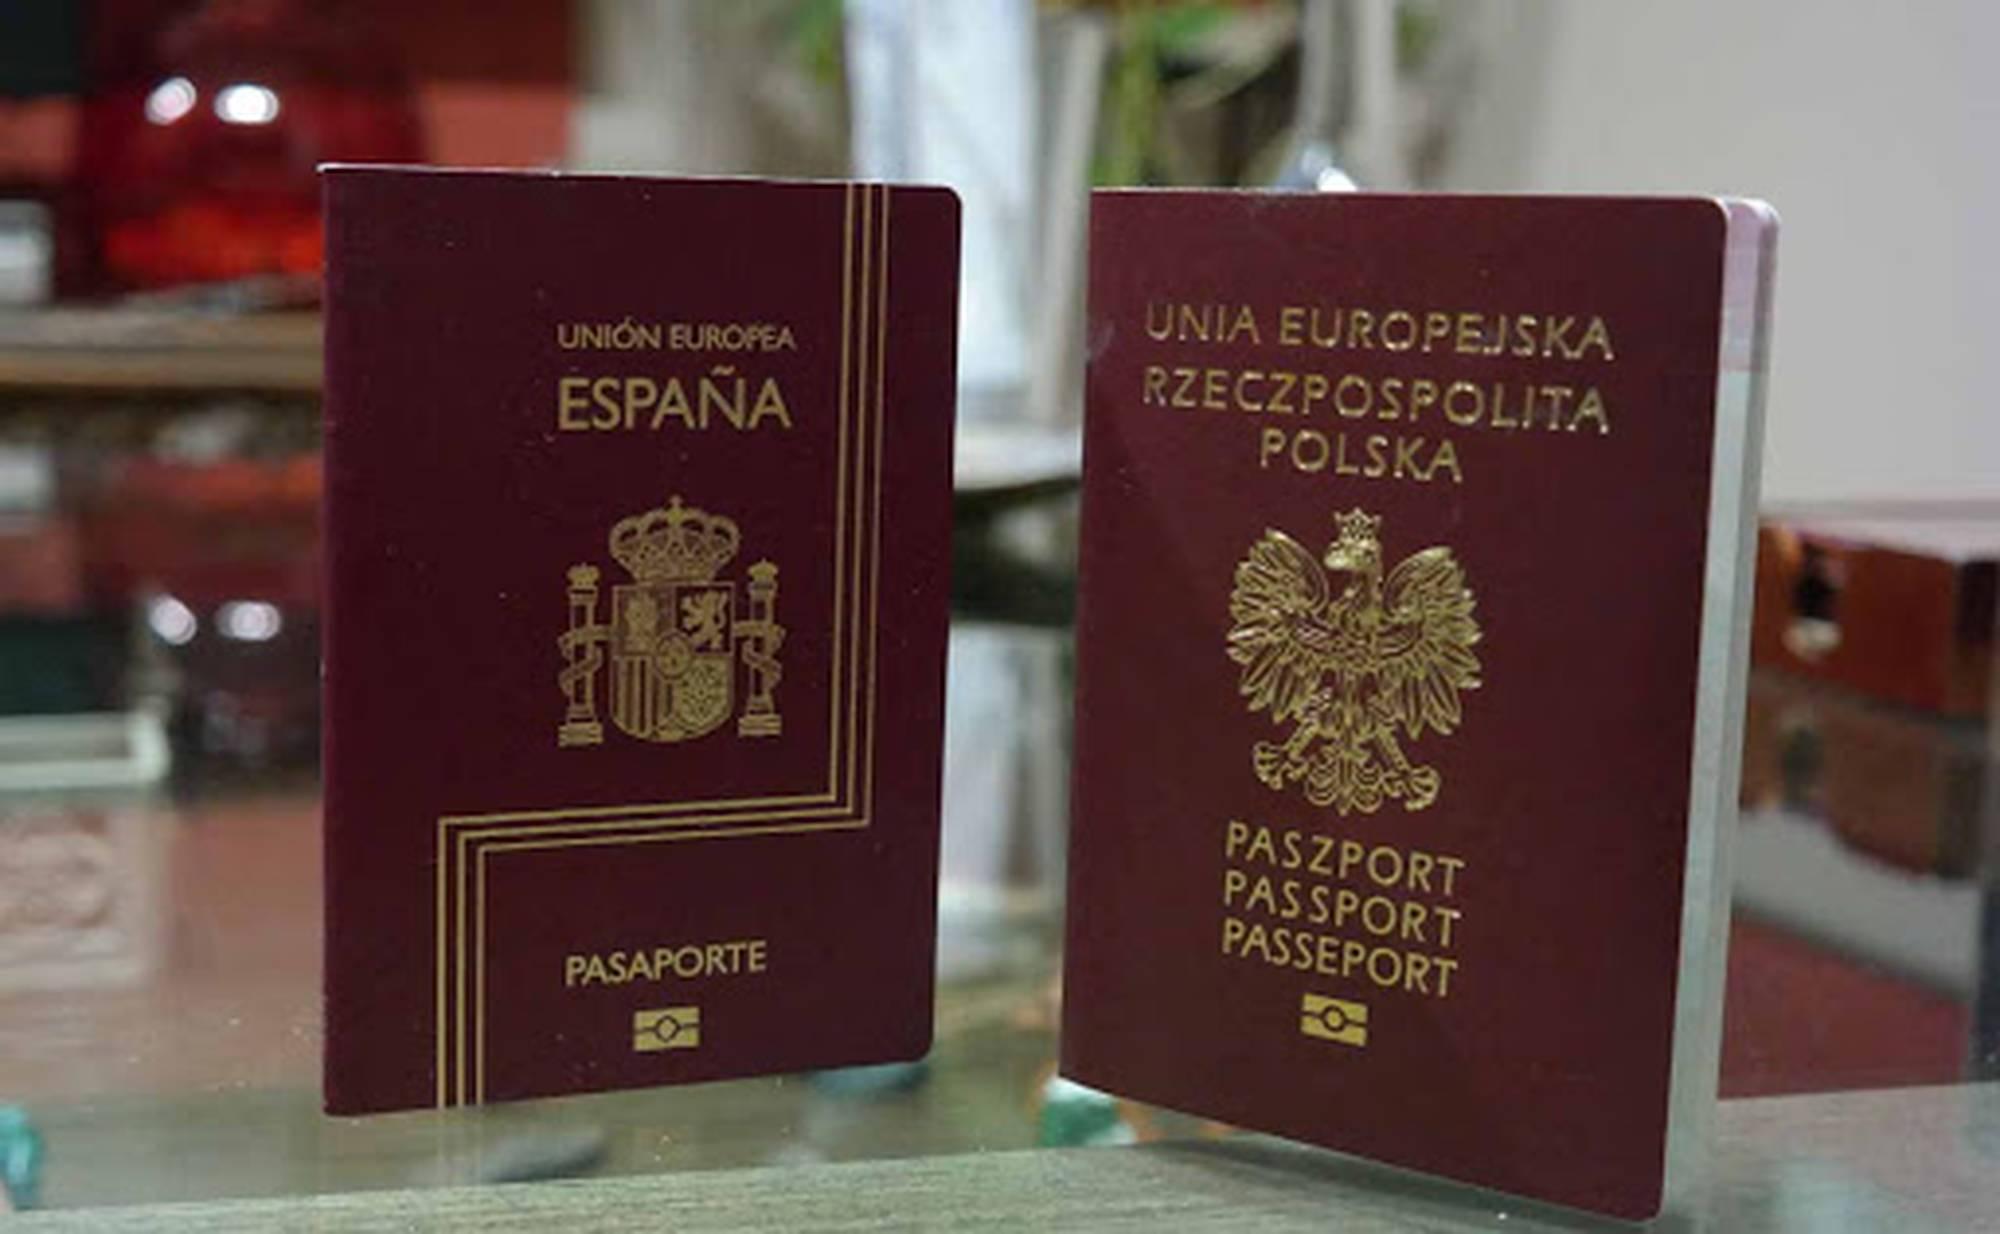 Польша разрешила двойное гражданство и упростила его предоставление иностранцам.